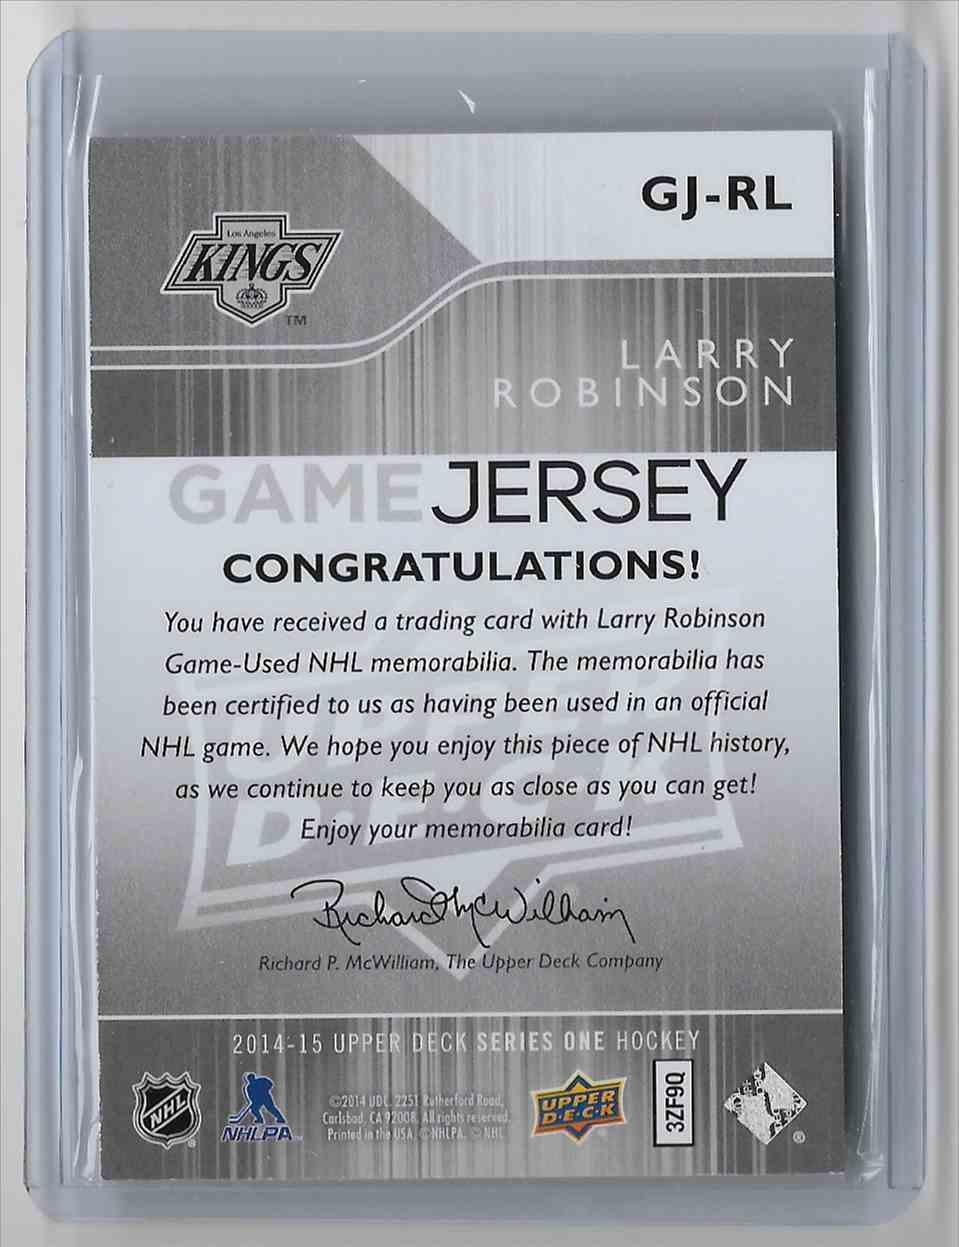 2014-15 Upper Deck Larry Robinson #GJ-RL card back image